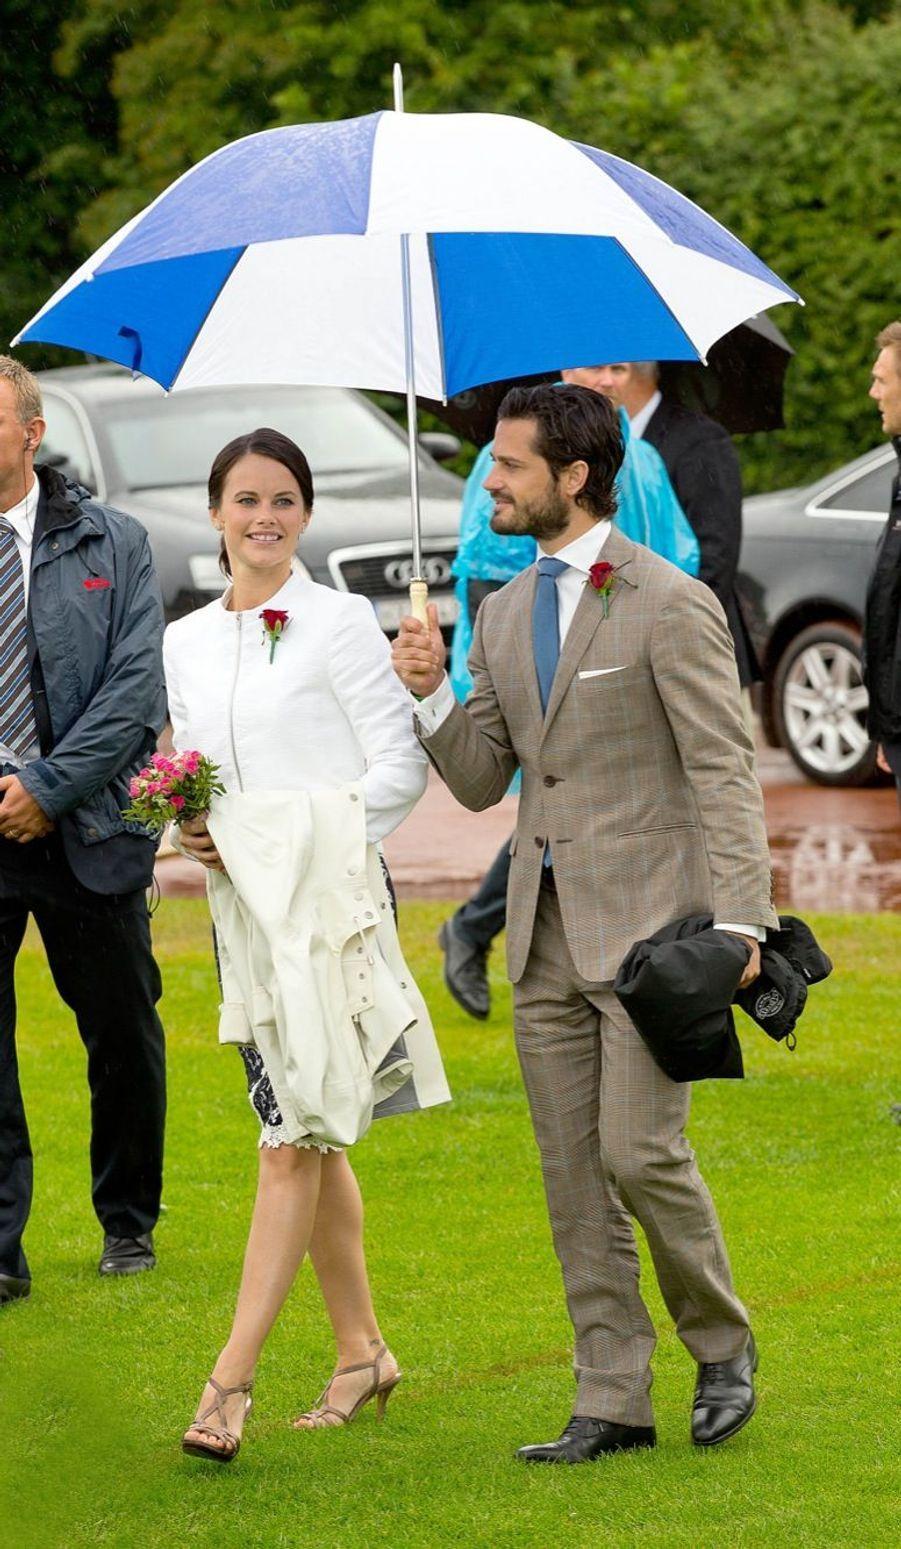 Sofia à l'anniversaire la princesse héritière Victoria de Suède, en juillet 2014, premier rendez-vous officiel au bras de son prince Carl Philip